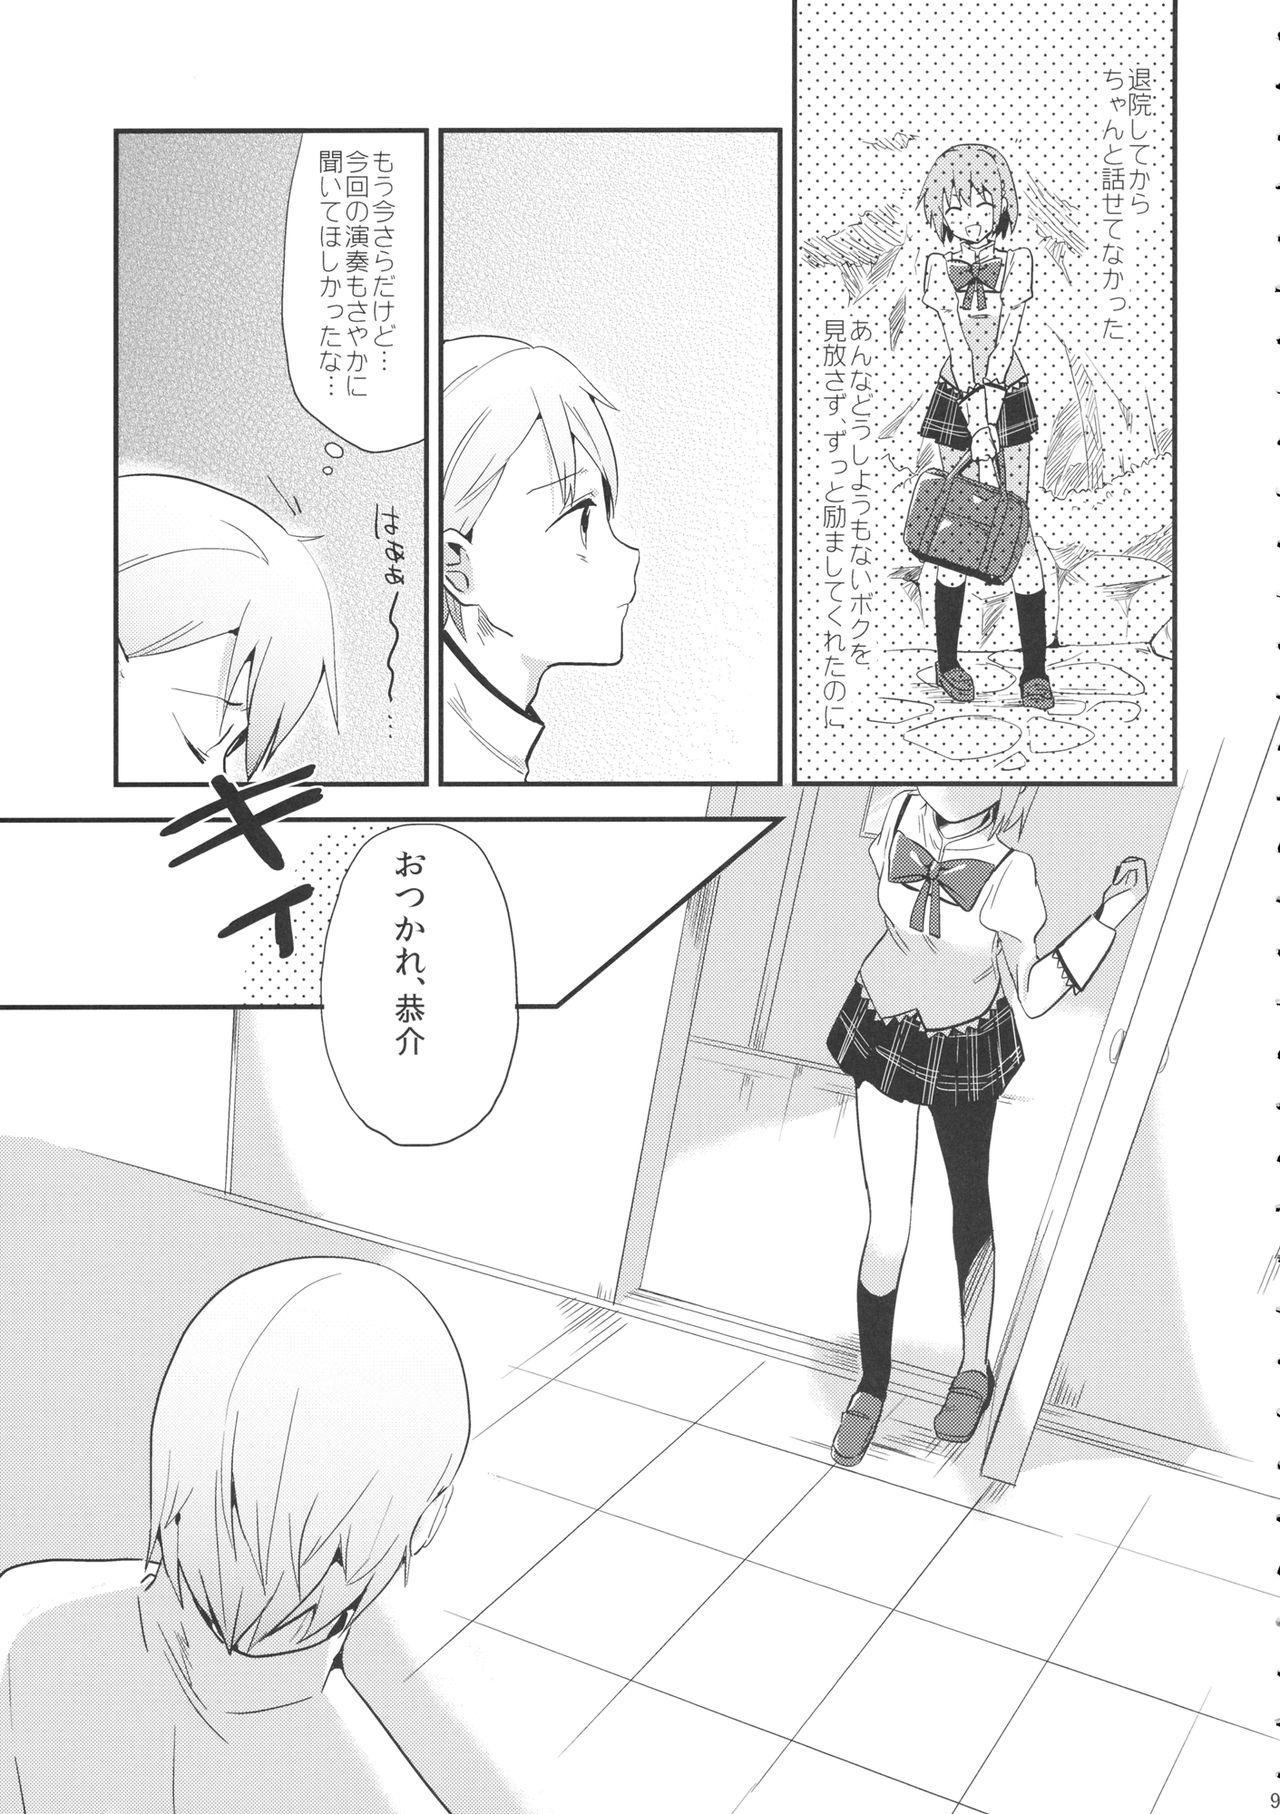 if Kanzenban 7